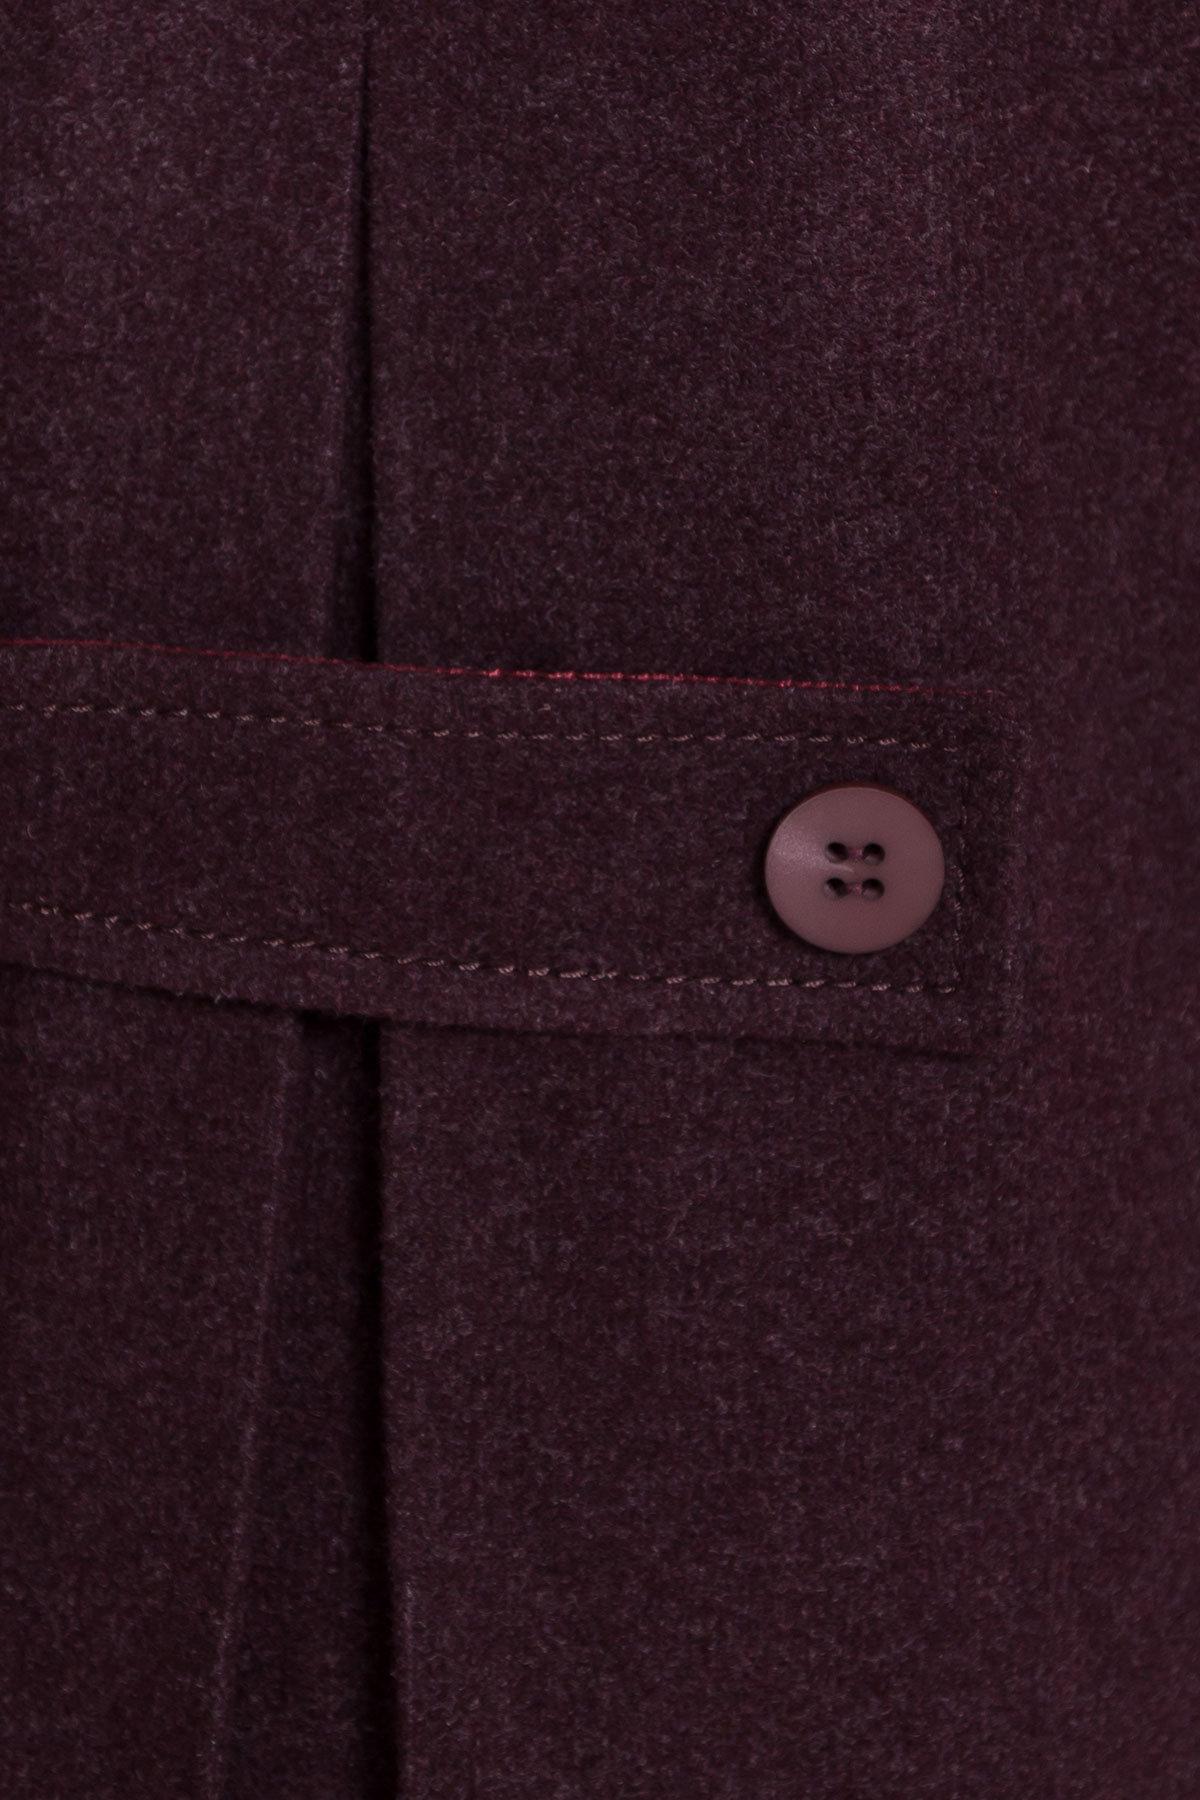 Демисезонное пальто трапеция в расцветках Латте 5429 Цвет: Марсала